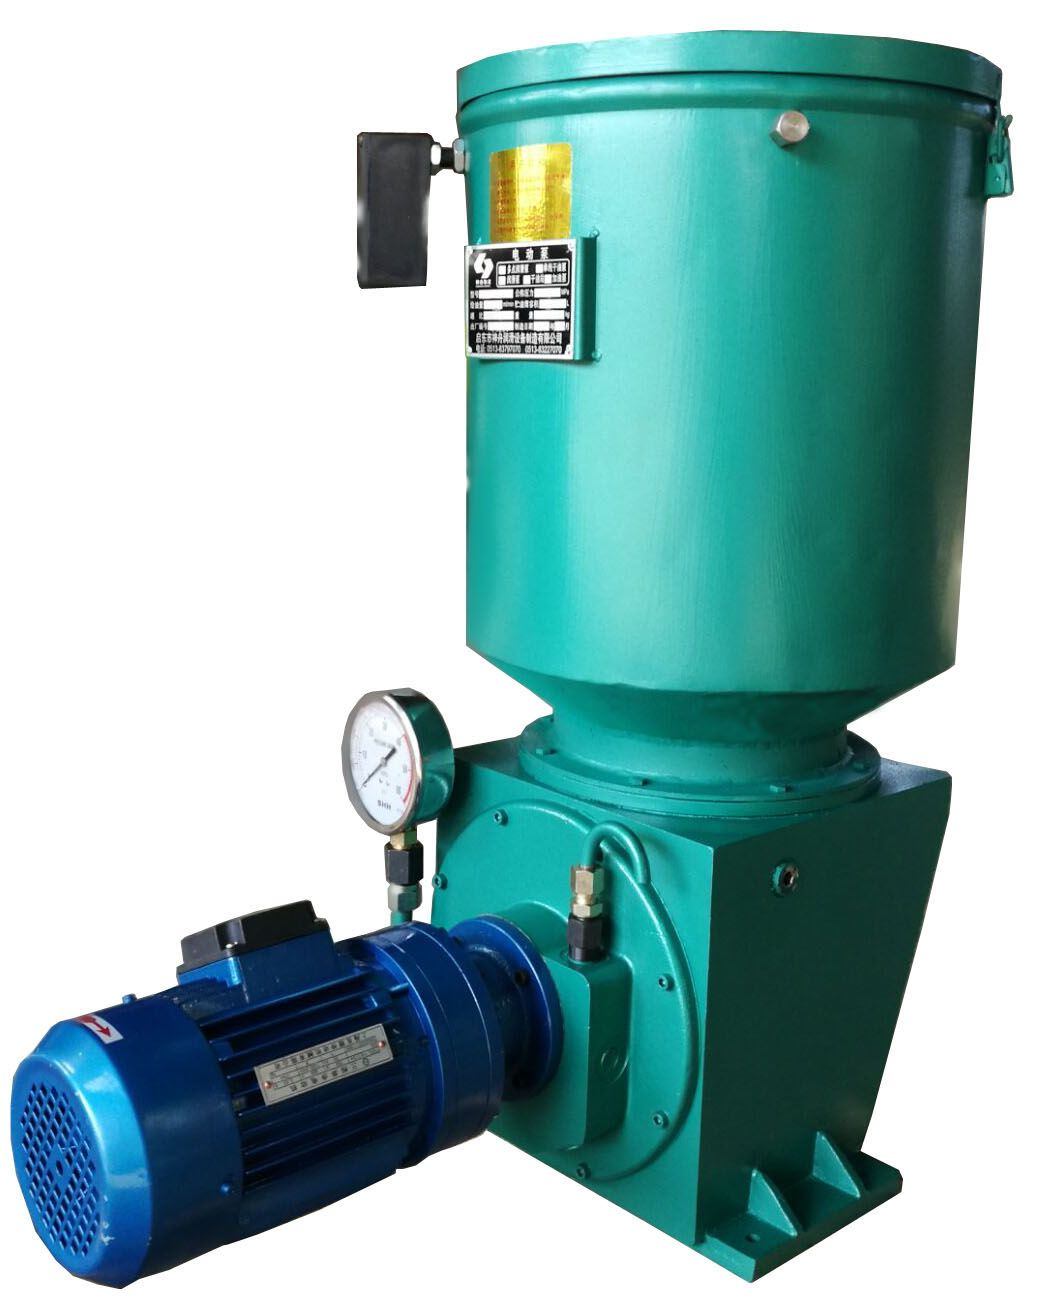 DRB-P DRB-M BS-B系列电动油脂固定式移动式润滑泵启东神舟润滑